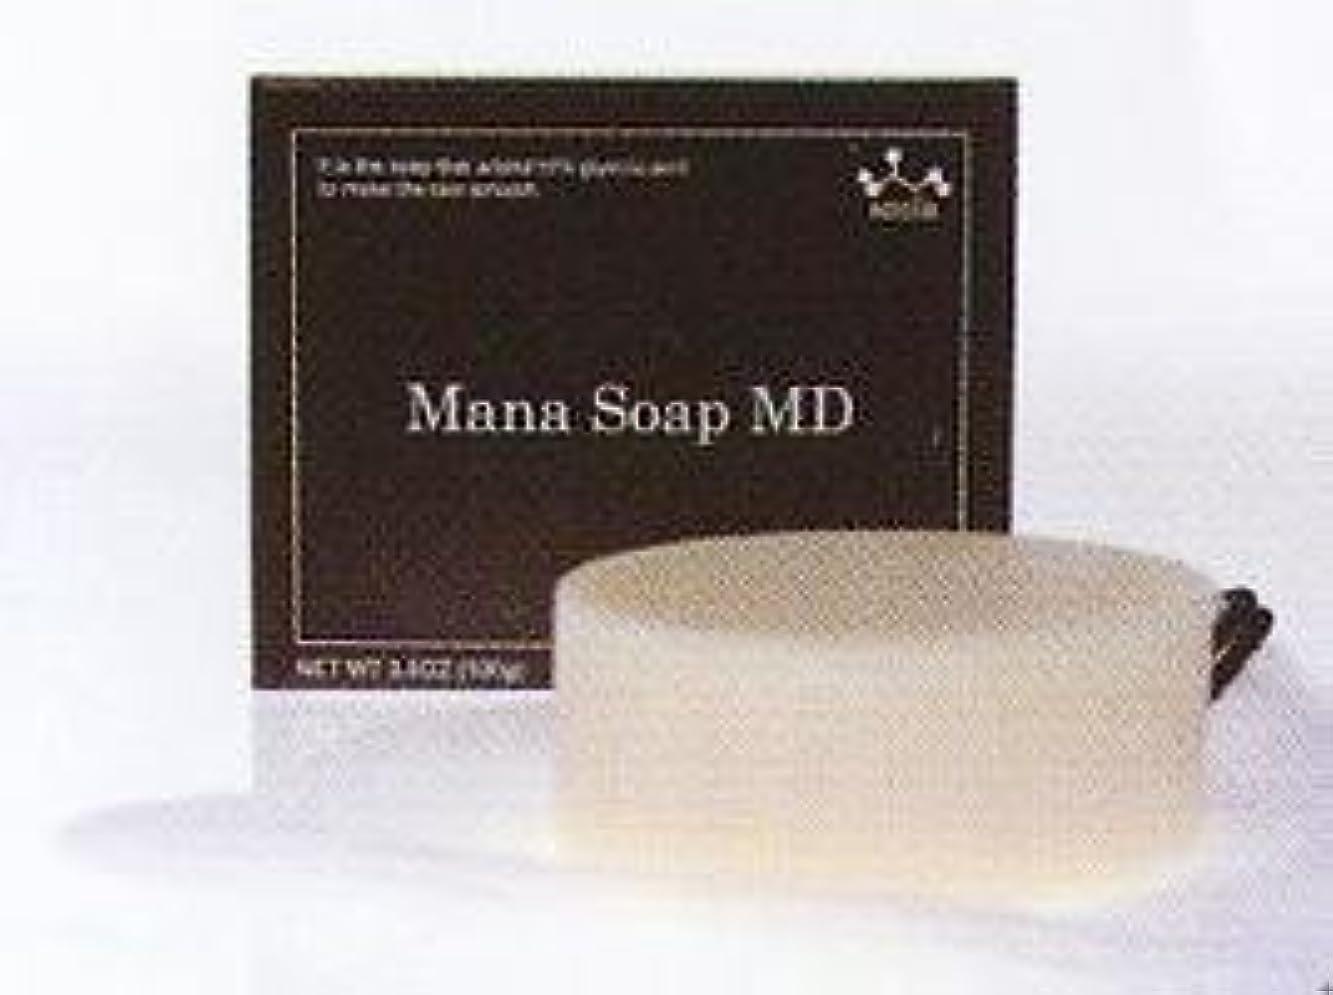 大通り磁石発表する【ニキビ?乾燥?敏感】マナソープMD10 乾燥するけどニキビができるという方におすすめ! プラセンタ配合の無添加ピーリング石鹸 (10%)